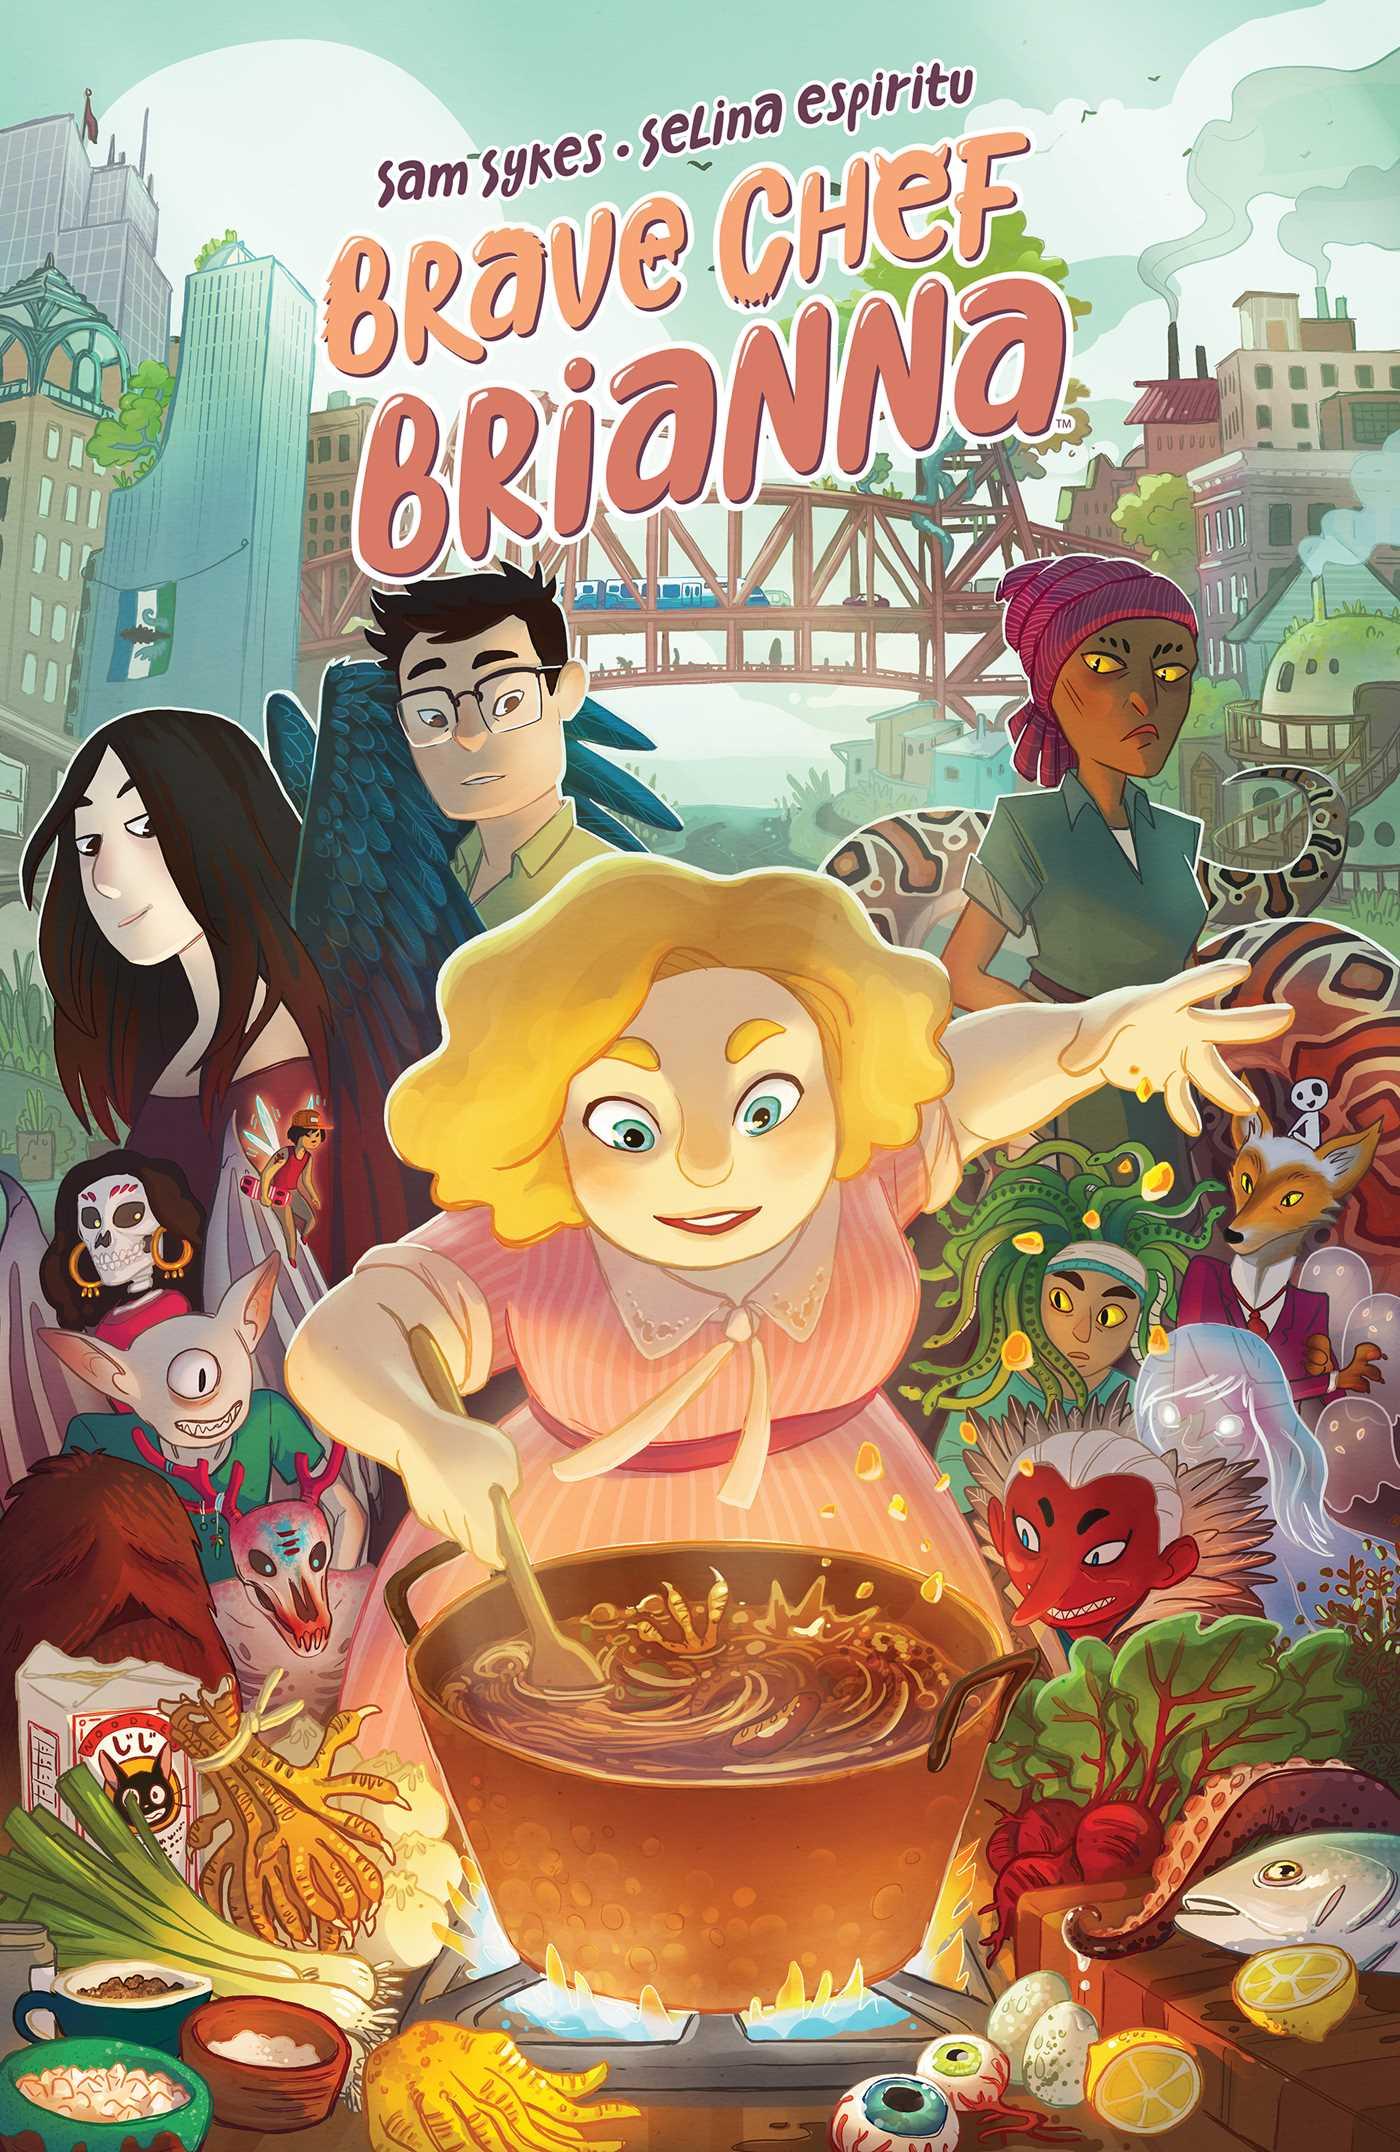 brave-chef-brianna-9781684150502_hr